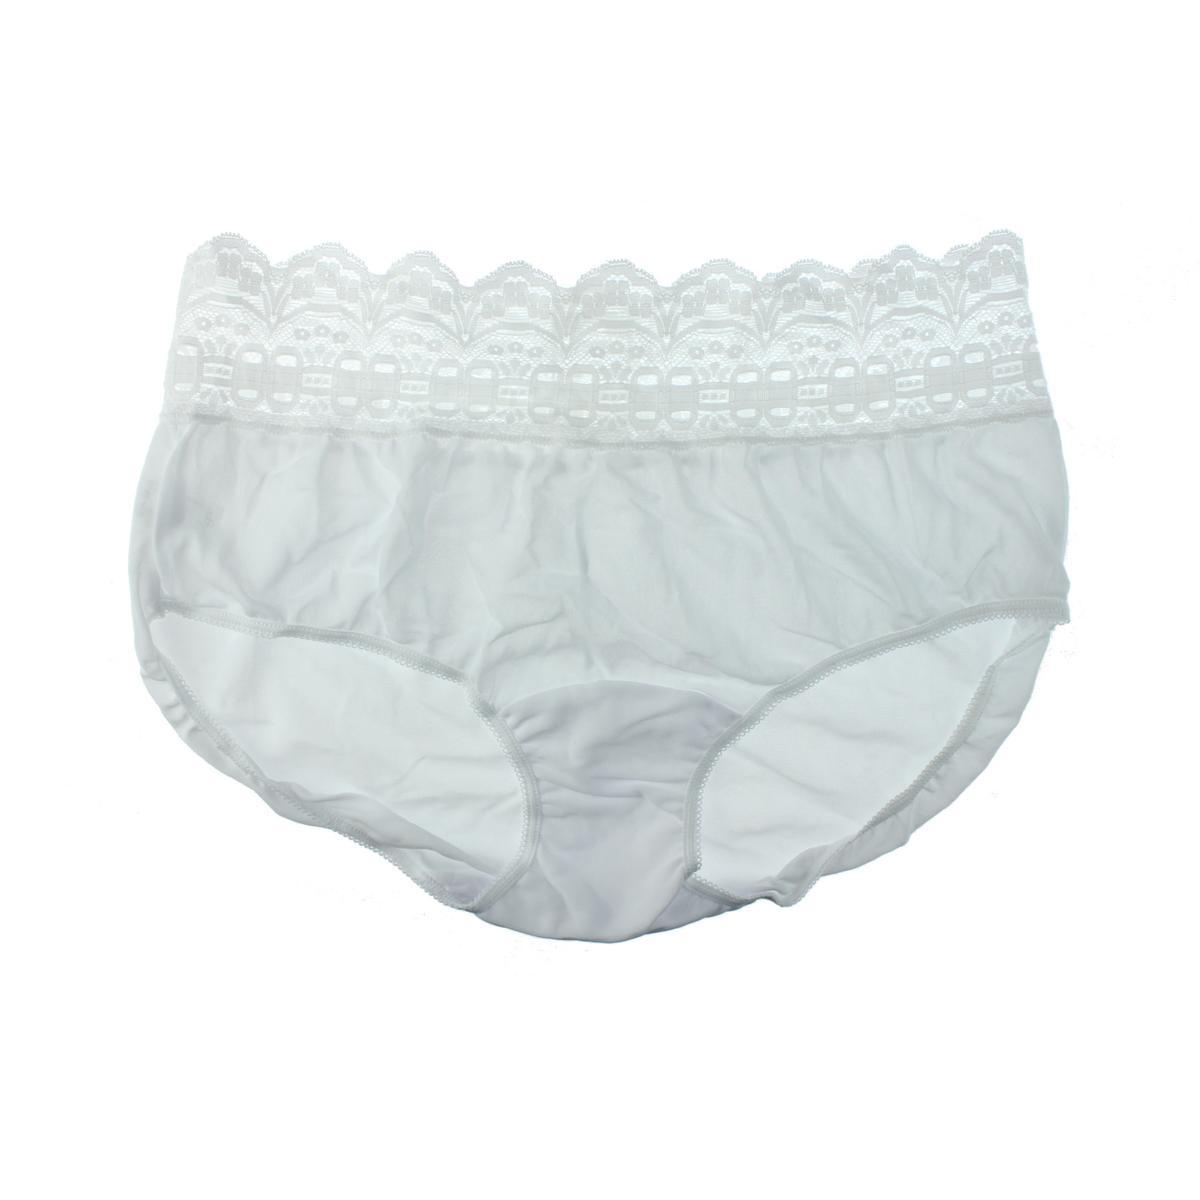 Elegant Speakeasy Briefs Underwear With A Secret Stash Pocket | EBay